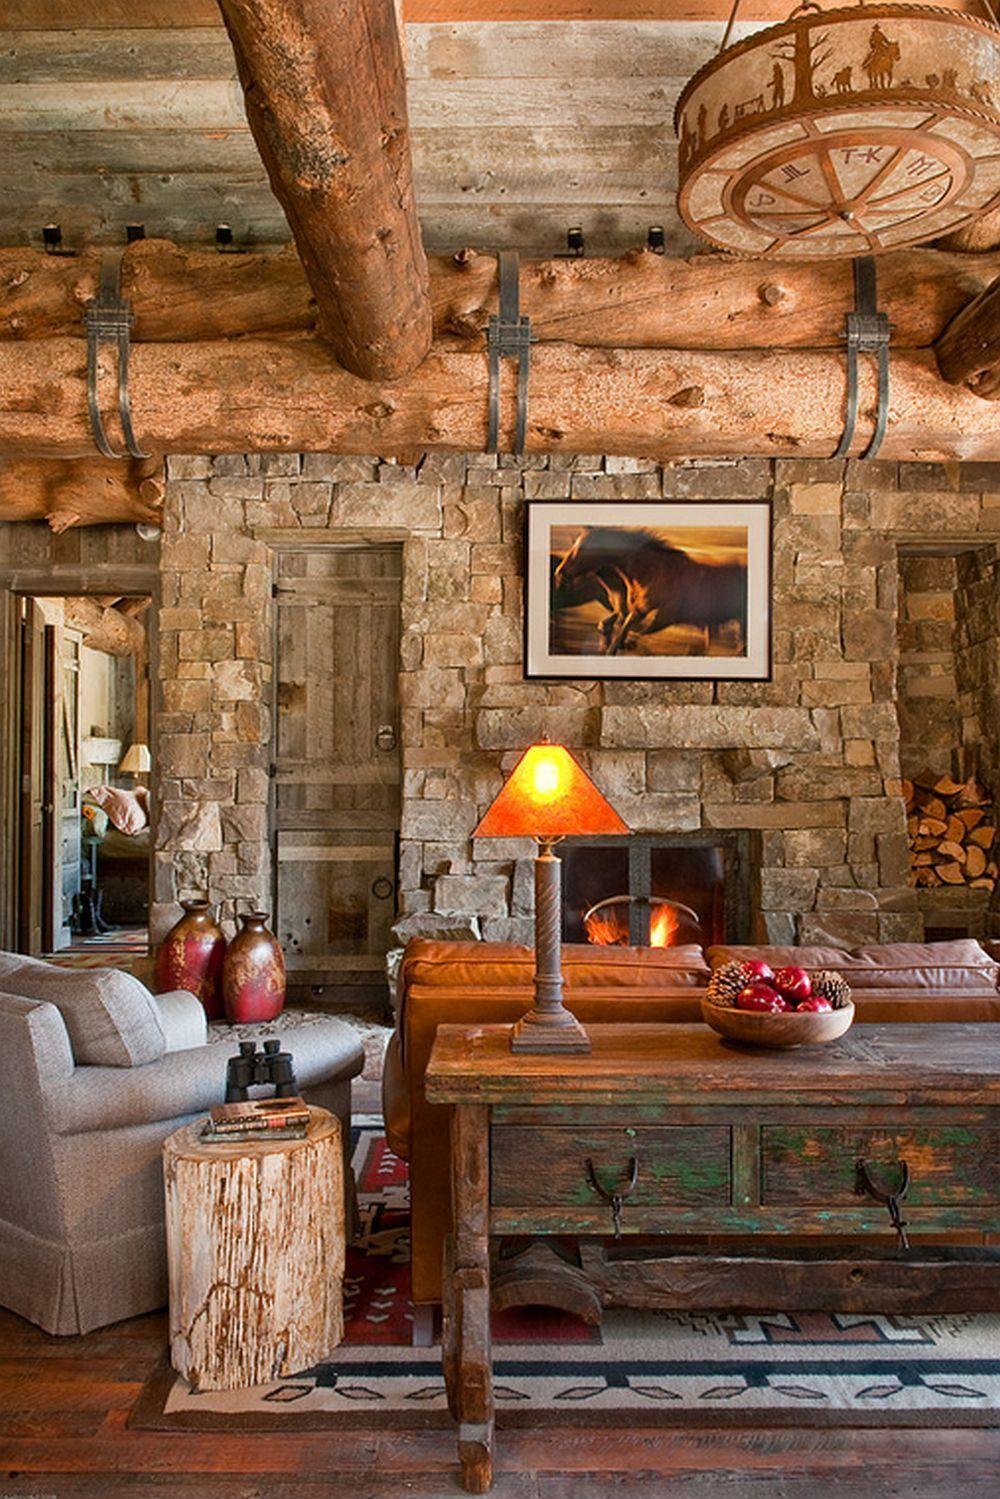 Cabeceras campamento 2 mi caba a pinterest - Decoraciones de interiores de casas rusticas ...